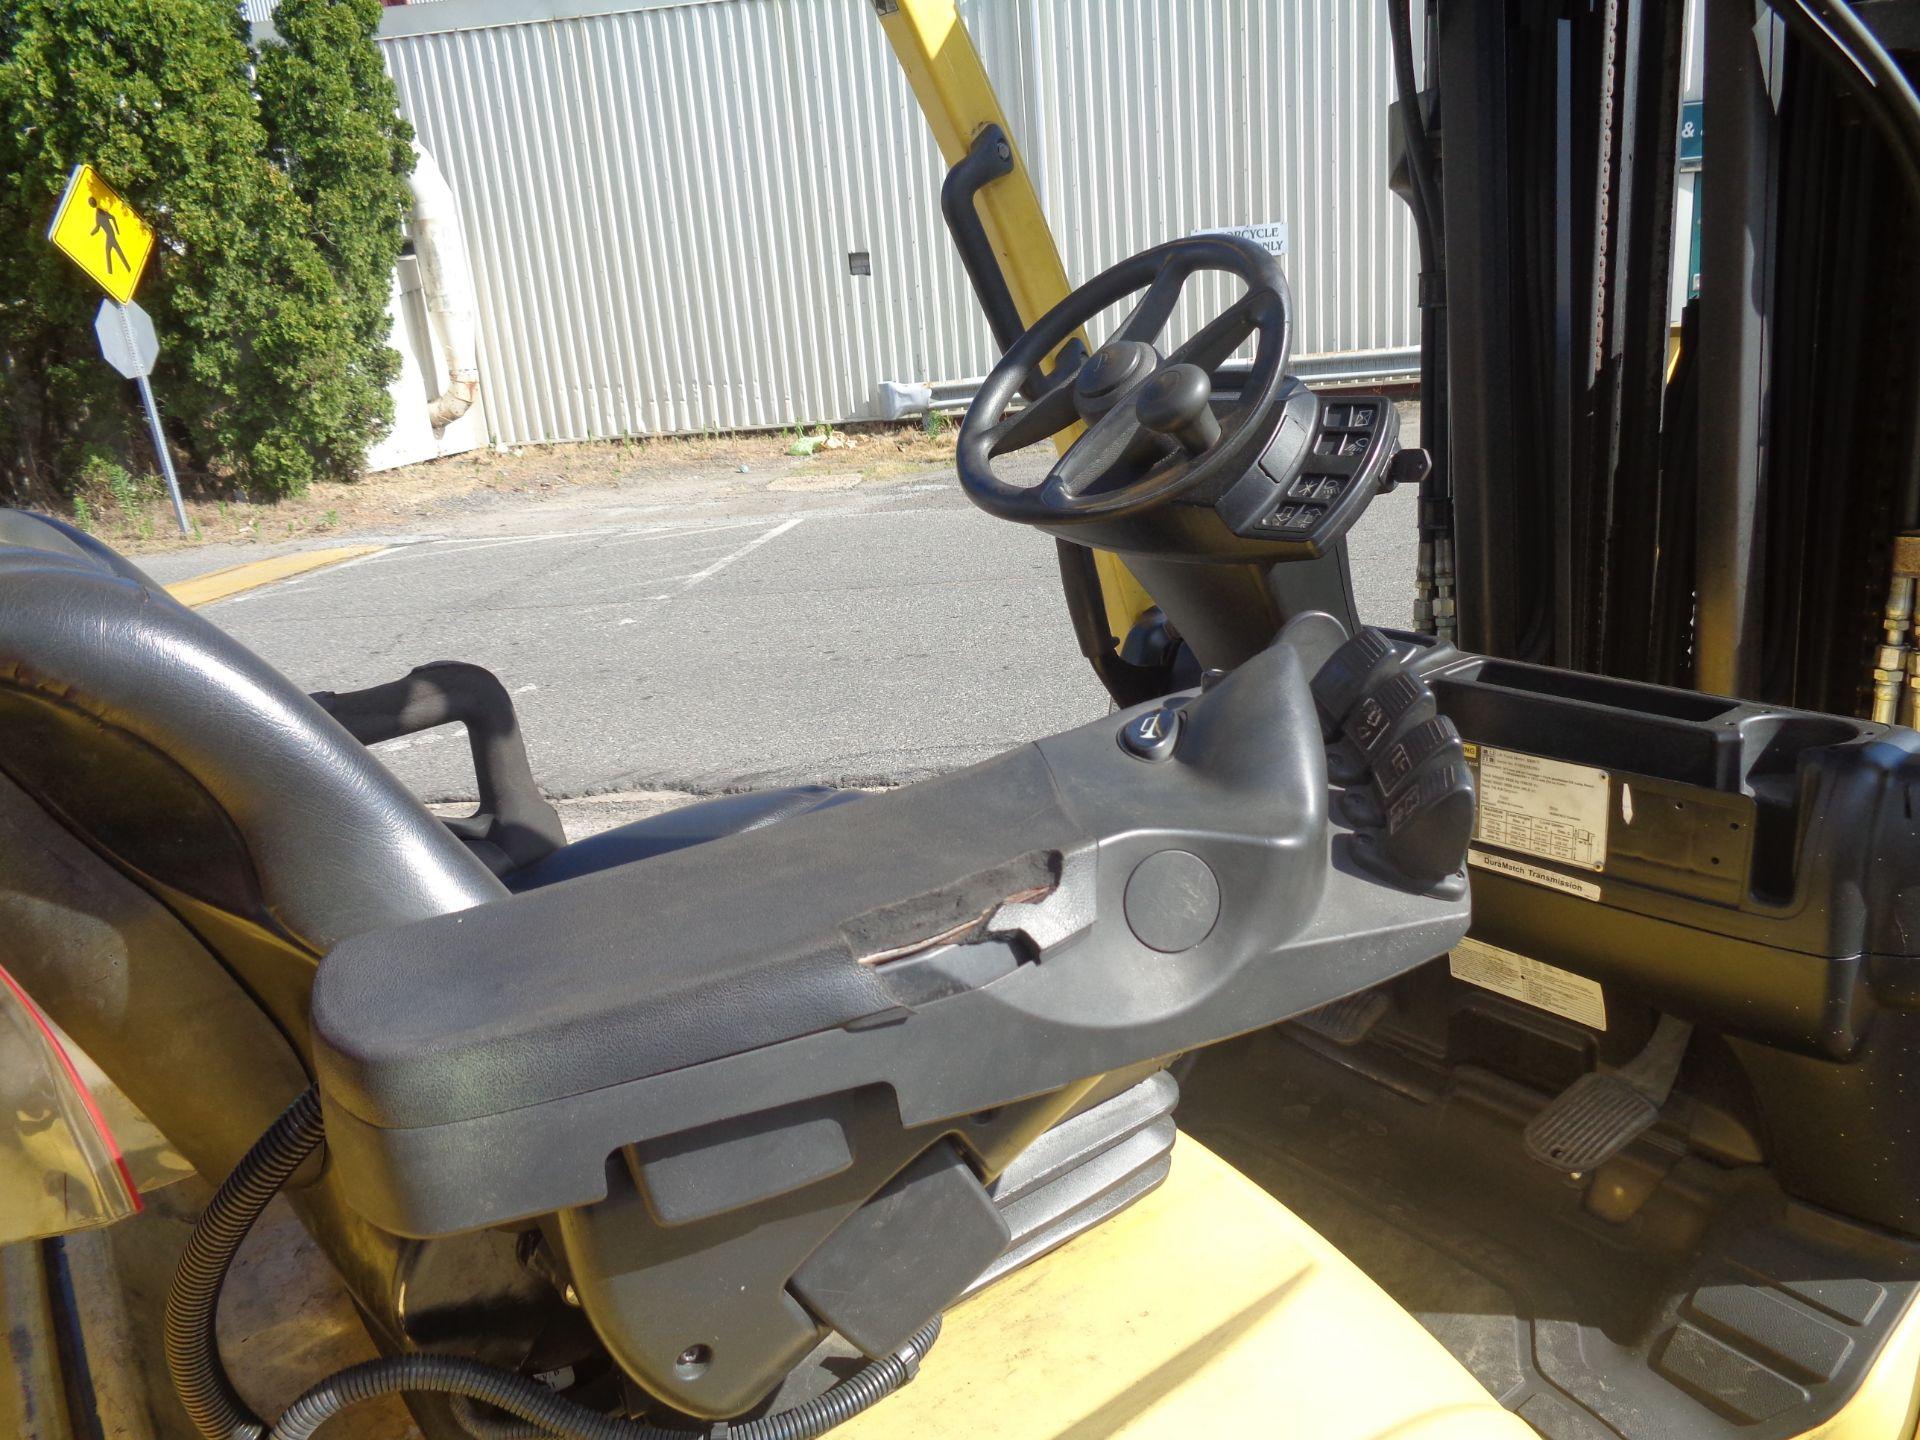 2012 Hyster S60FT 6,000lb Forklift - Quad Mast - Image 9 of 13